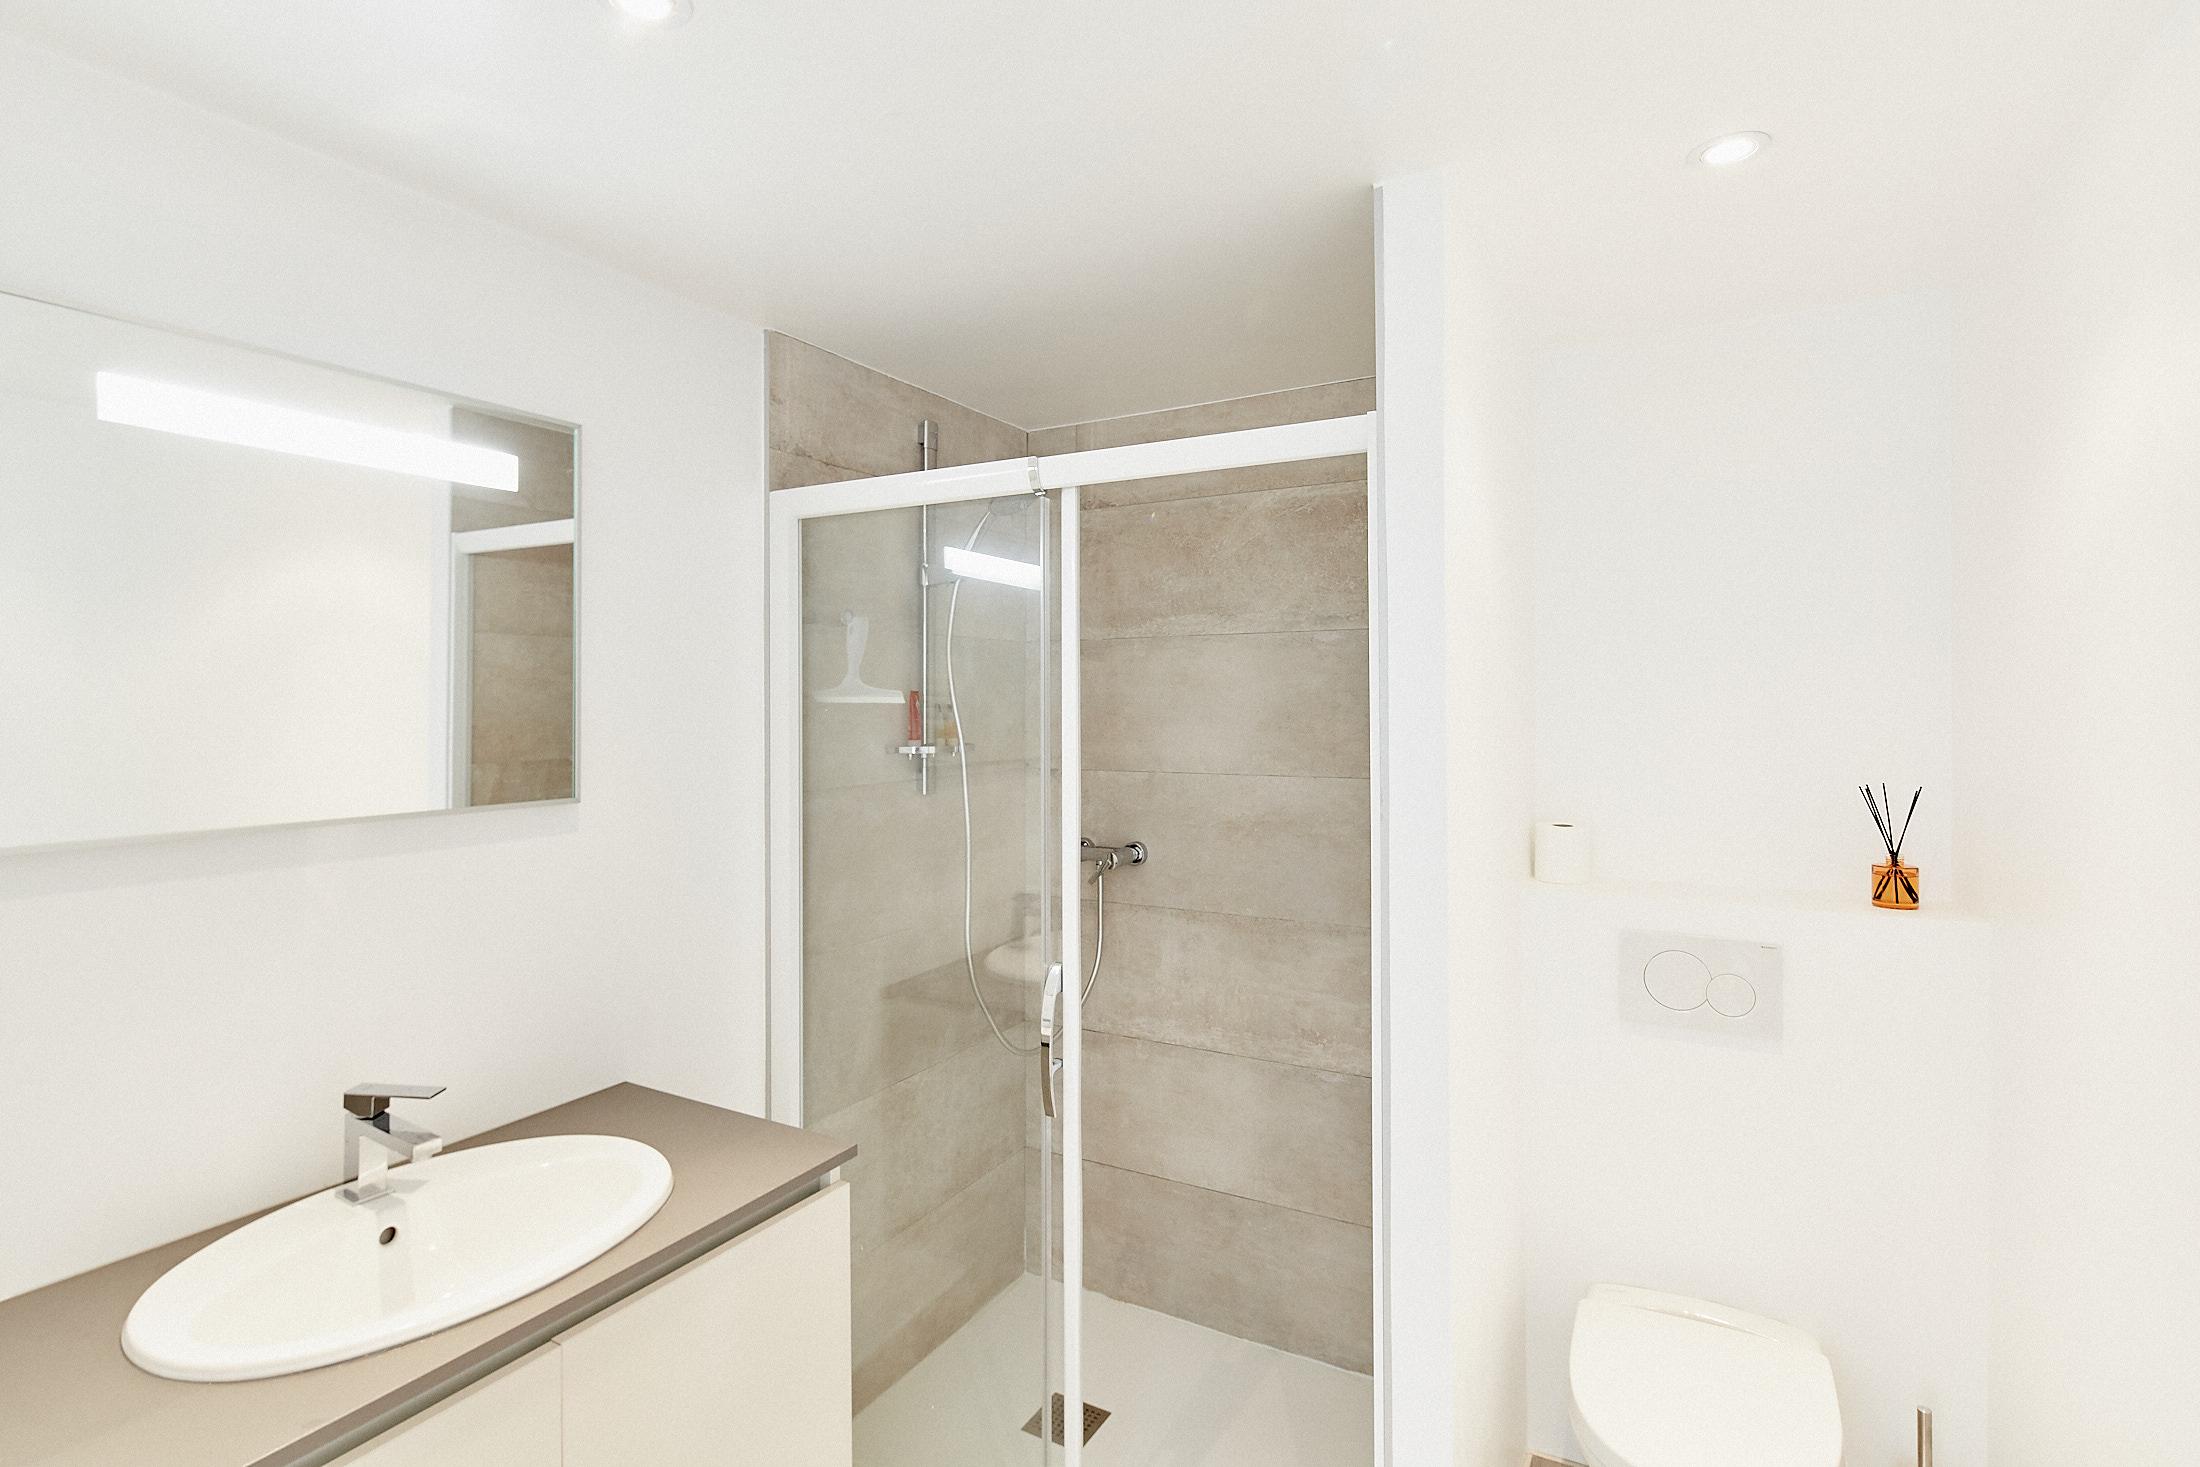 Salle D Eau Parentale salle-d-eau-chambre-parentale-ville-garance-arcachon – villa